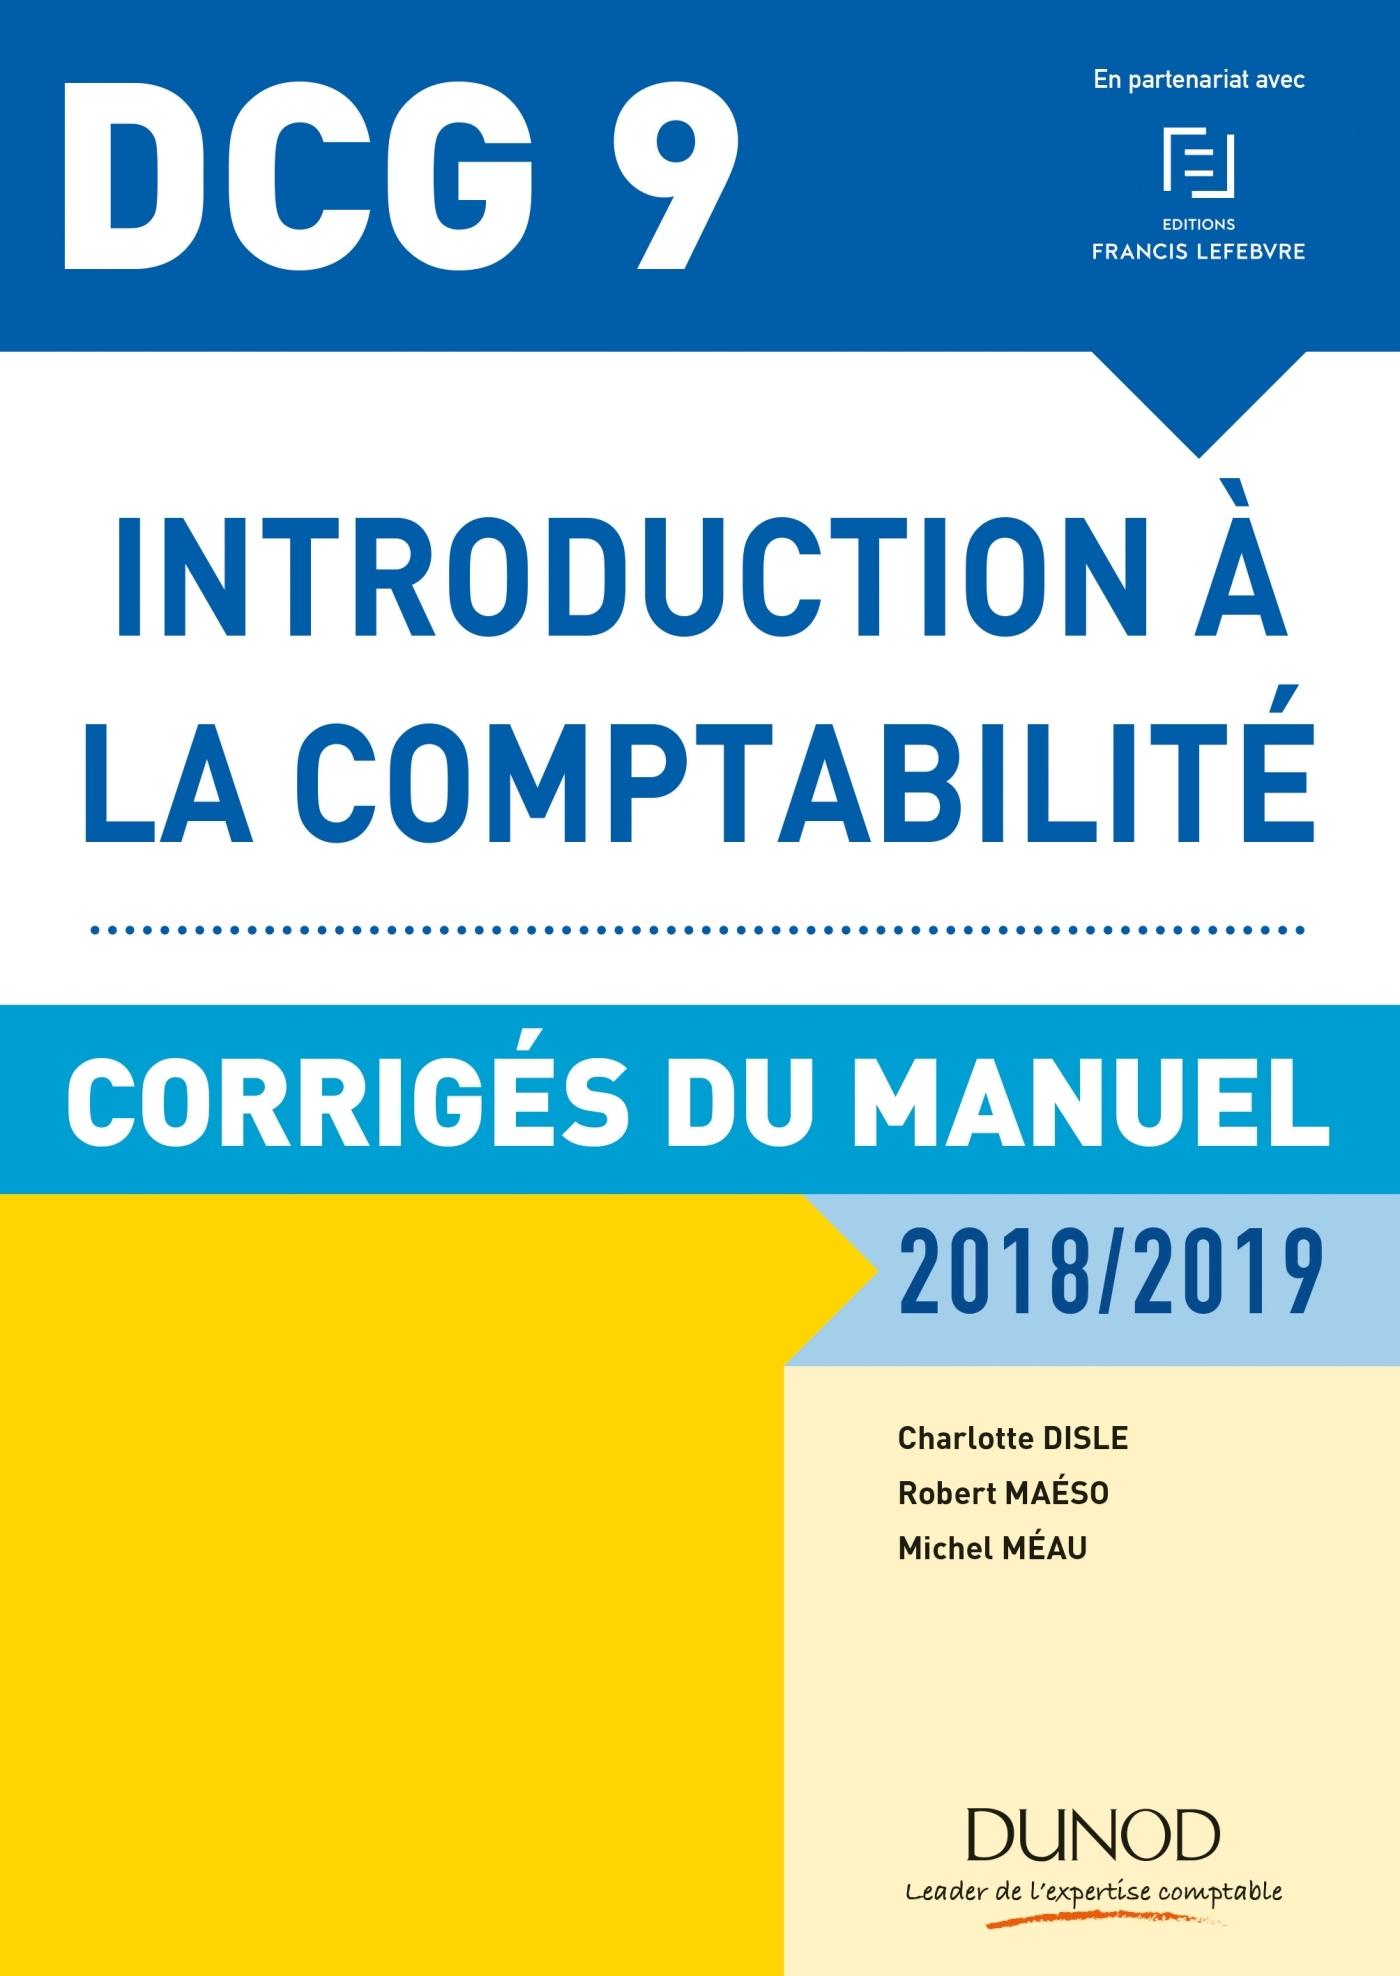 DCG 9 - INTRODUCTION A LA COMPTABILITE 2018/2019 - CORRIGES DU MANUEL